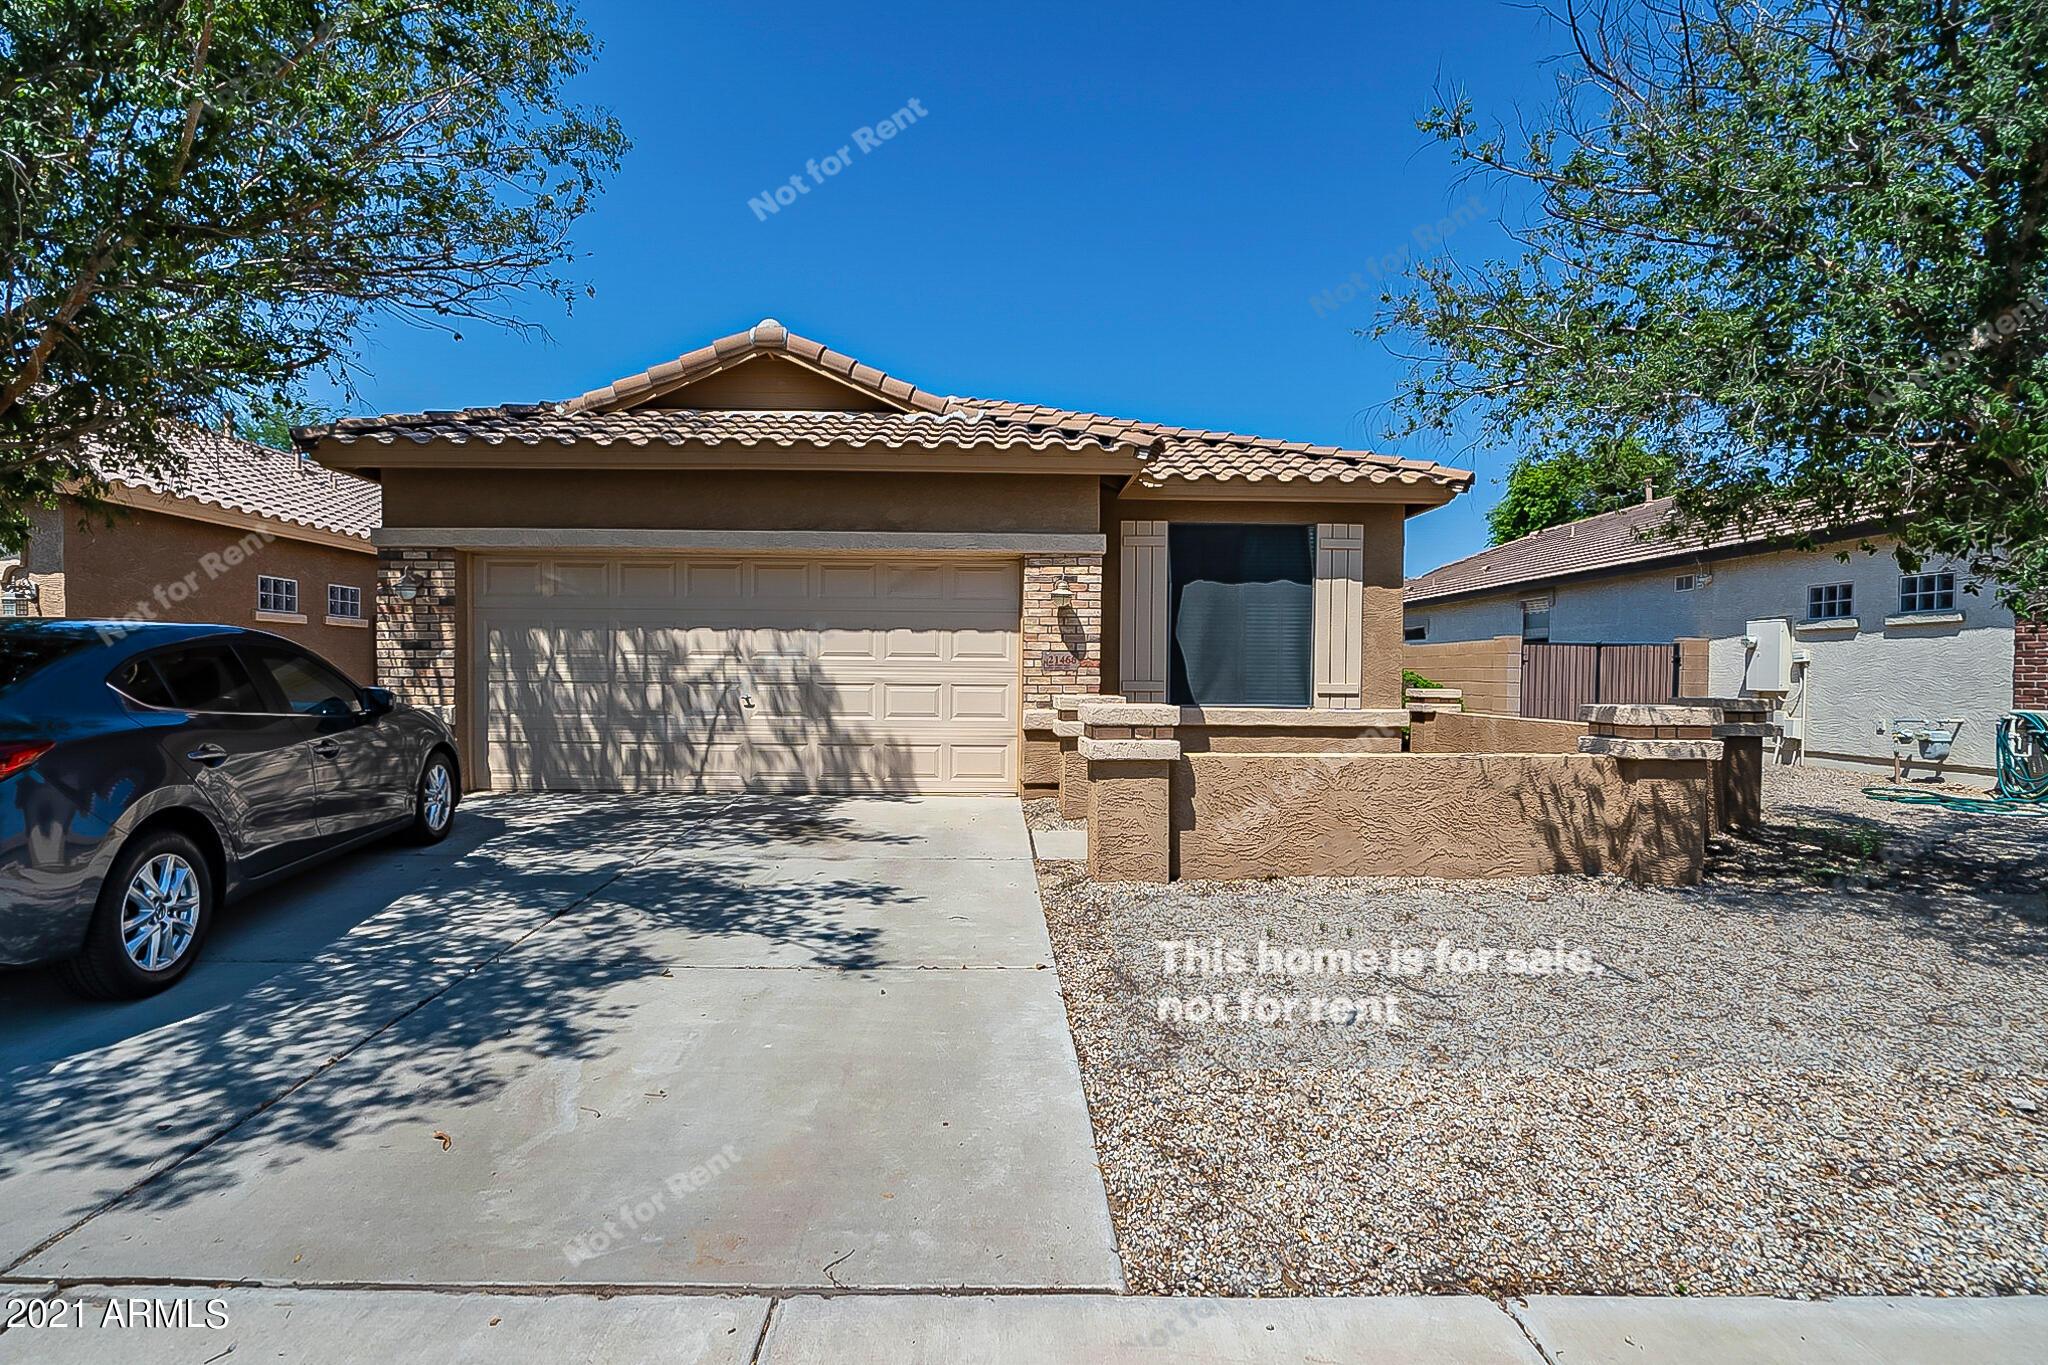 21466 CALLE DE FLORES Court, Queen Creek, Arizona 85142, 3 Bedrooms Bedrooms, ,2 BathroomsBathrooms,Residential,For Sale,CALLE DE FLORES,6278891